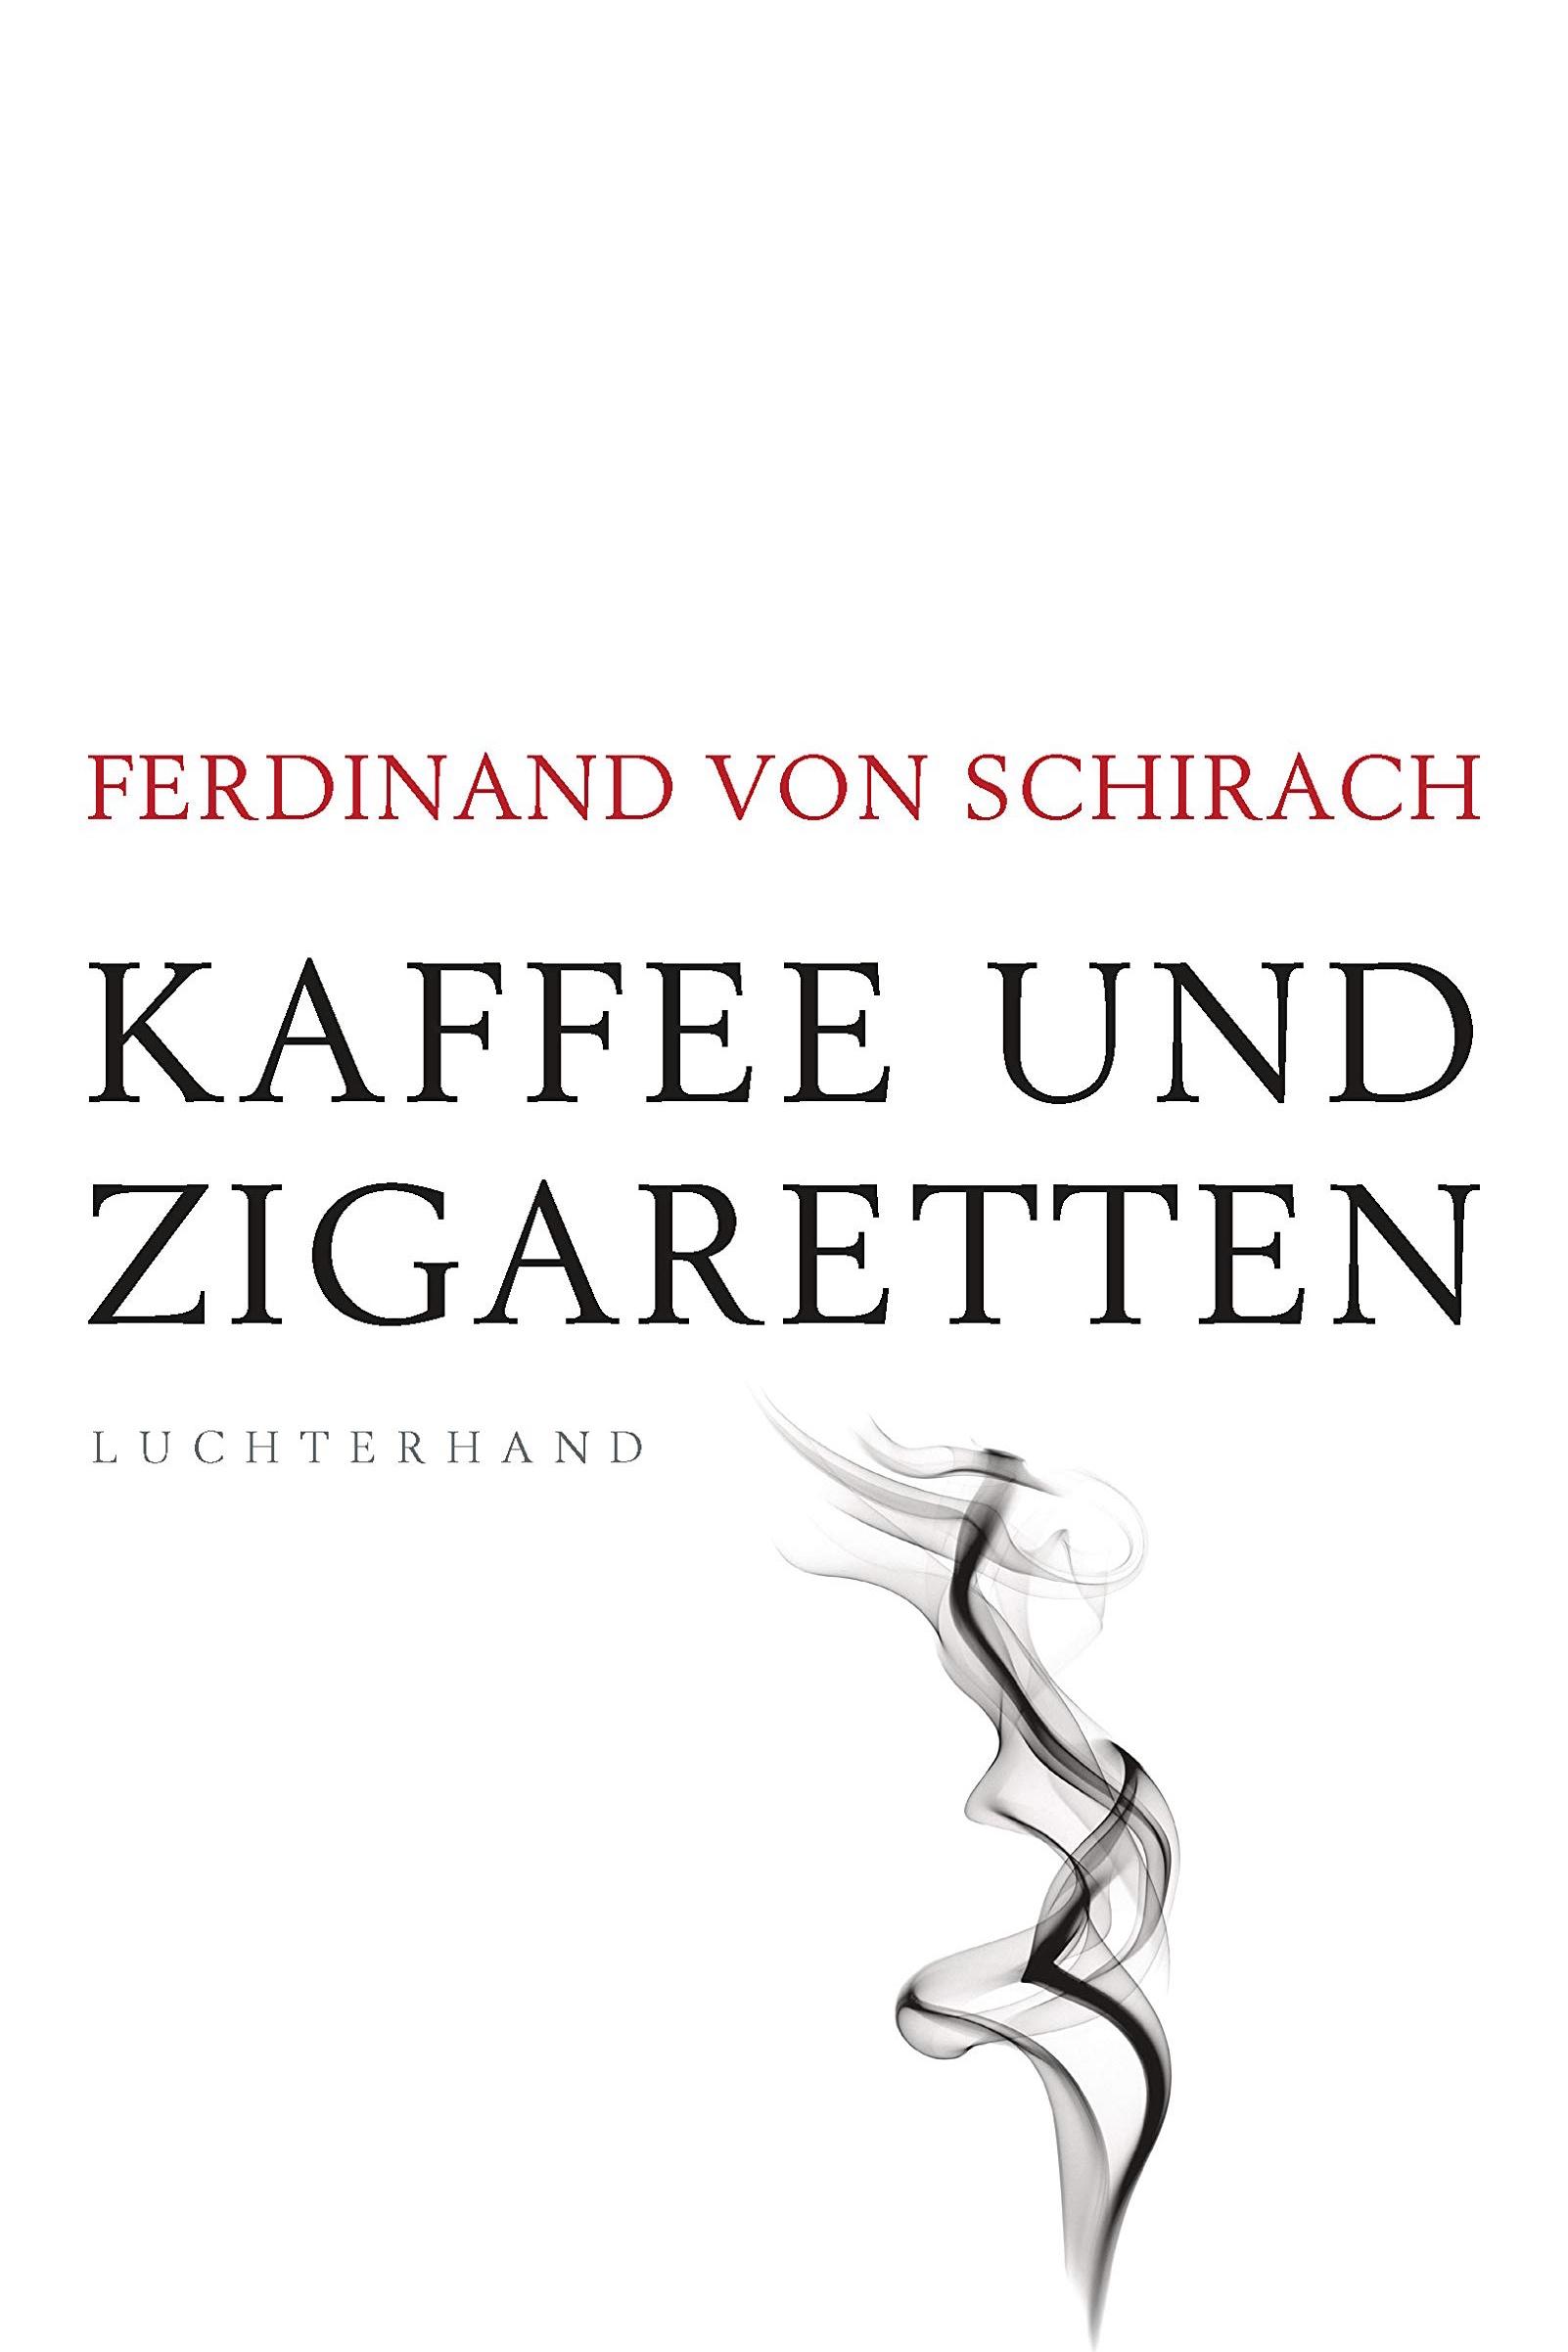 »Kaffee und Zigaretten« auf Platz 1 - Ferdinand von Schirachs neues Buch »Kaffee und Zigaretten« steigt in der zweiten Woche nach Erscheinen auf Platz 1 der SPIEGEL-Bestsellerliste. (12.03.2019)